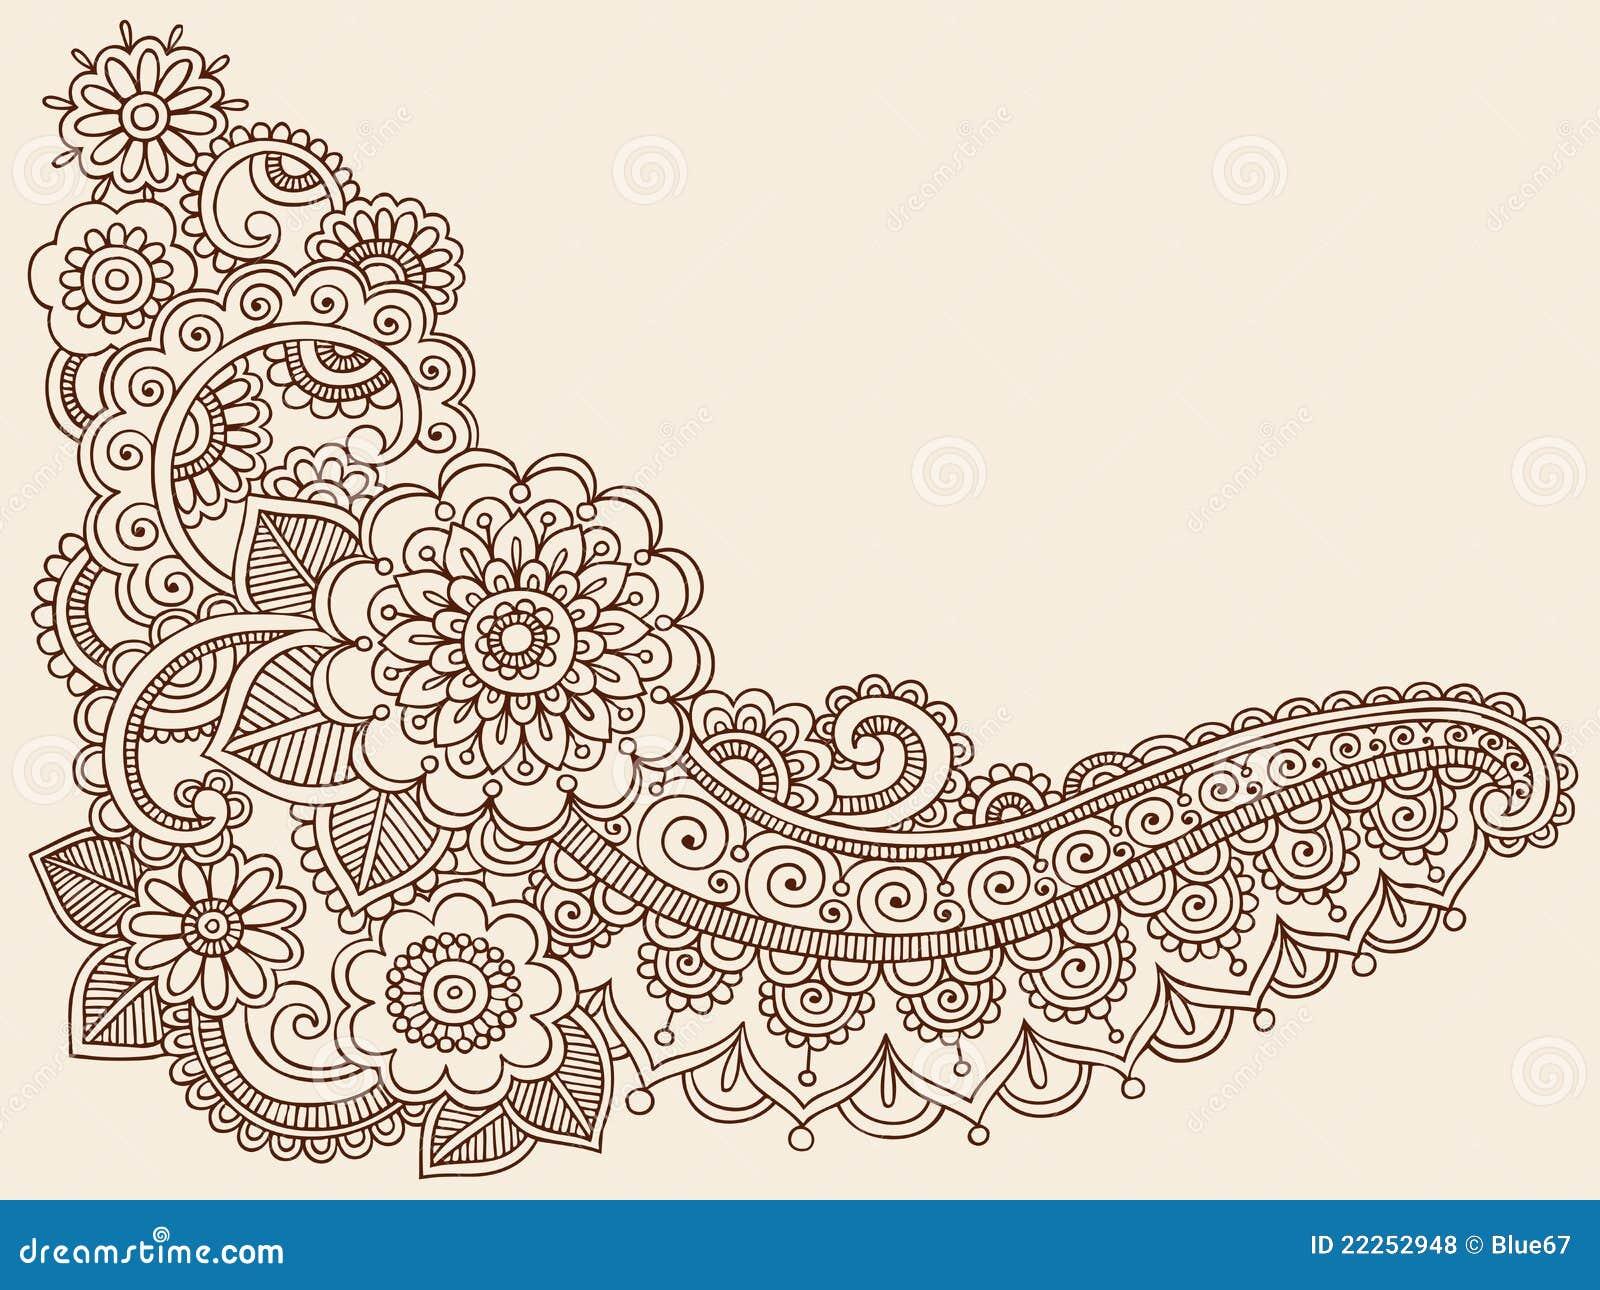 Henna Mehndi Doodle Vector Design Elements Stock Vector